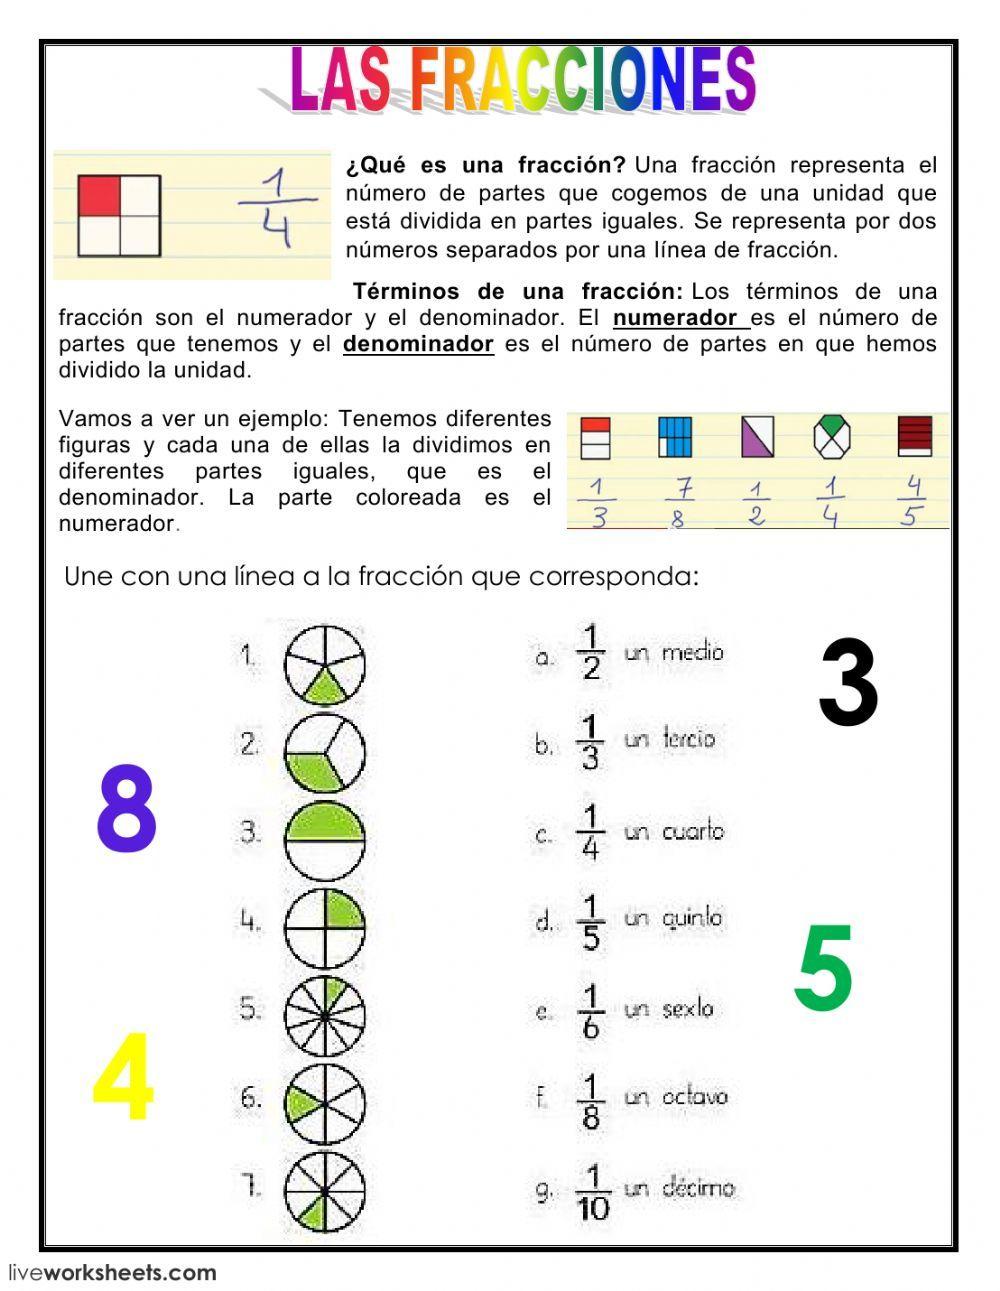 Fracciones Ficha Ejercicios Interactivos De Matematicas Fracciones Para Primaria Fracciones